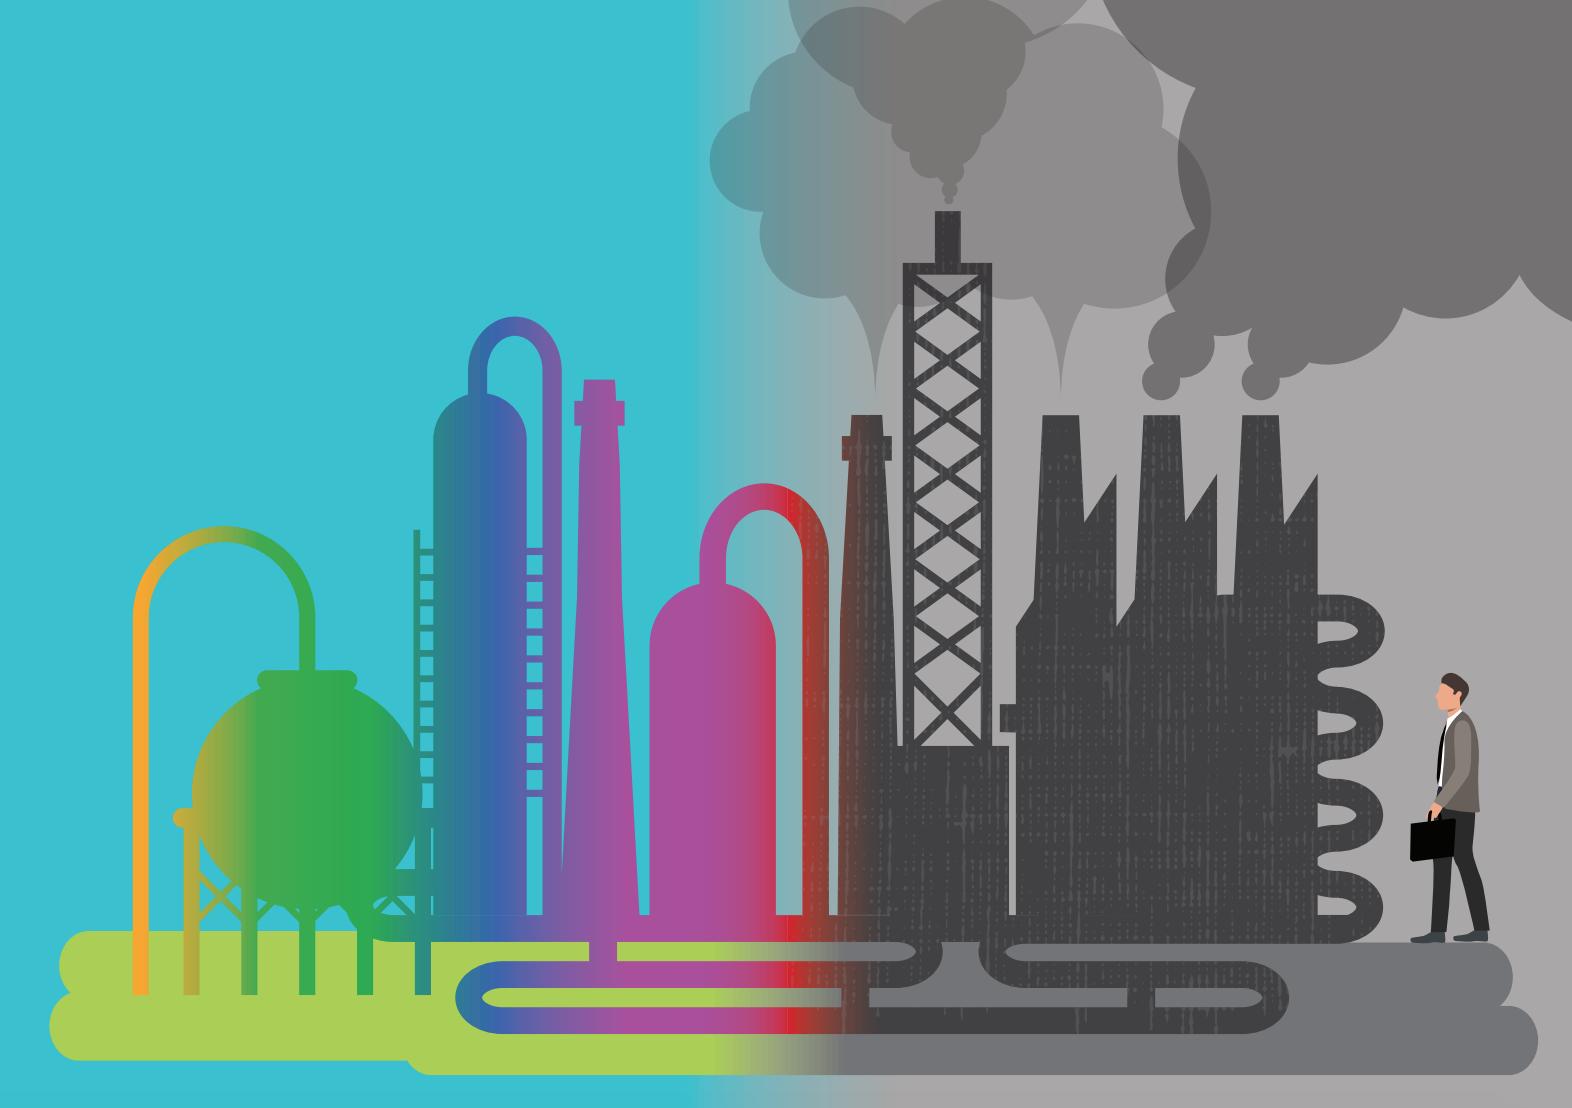 Το Παραμύθι του Υδρογόνου: Πολυεθνικές του πετρελαίου και του αερίου σαμποτάρουν την Πράσινη Μετάβαση